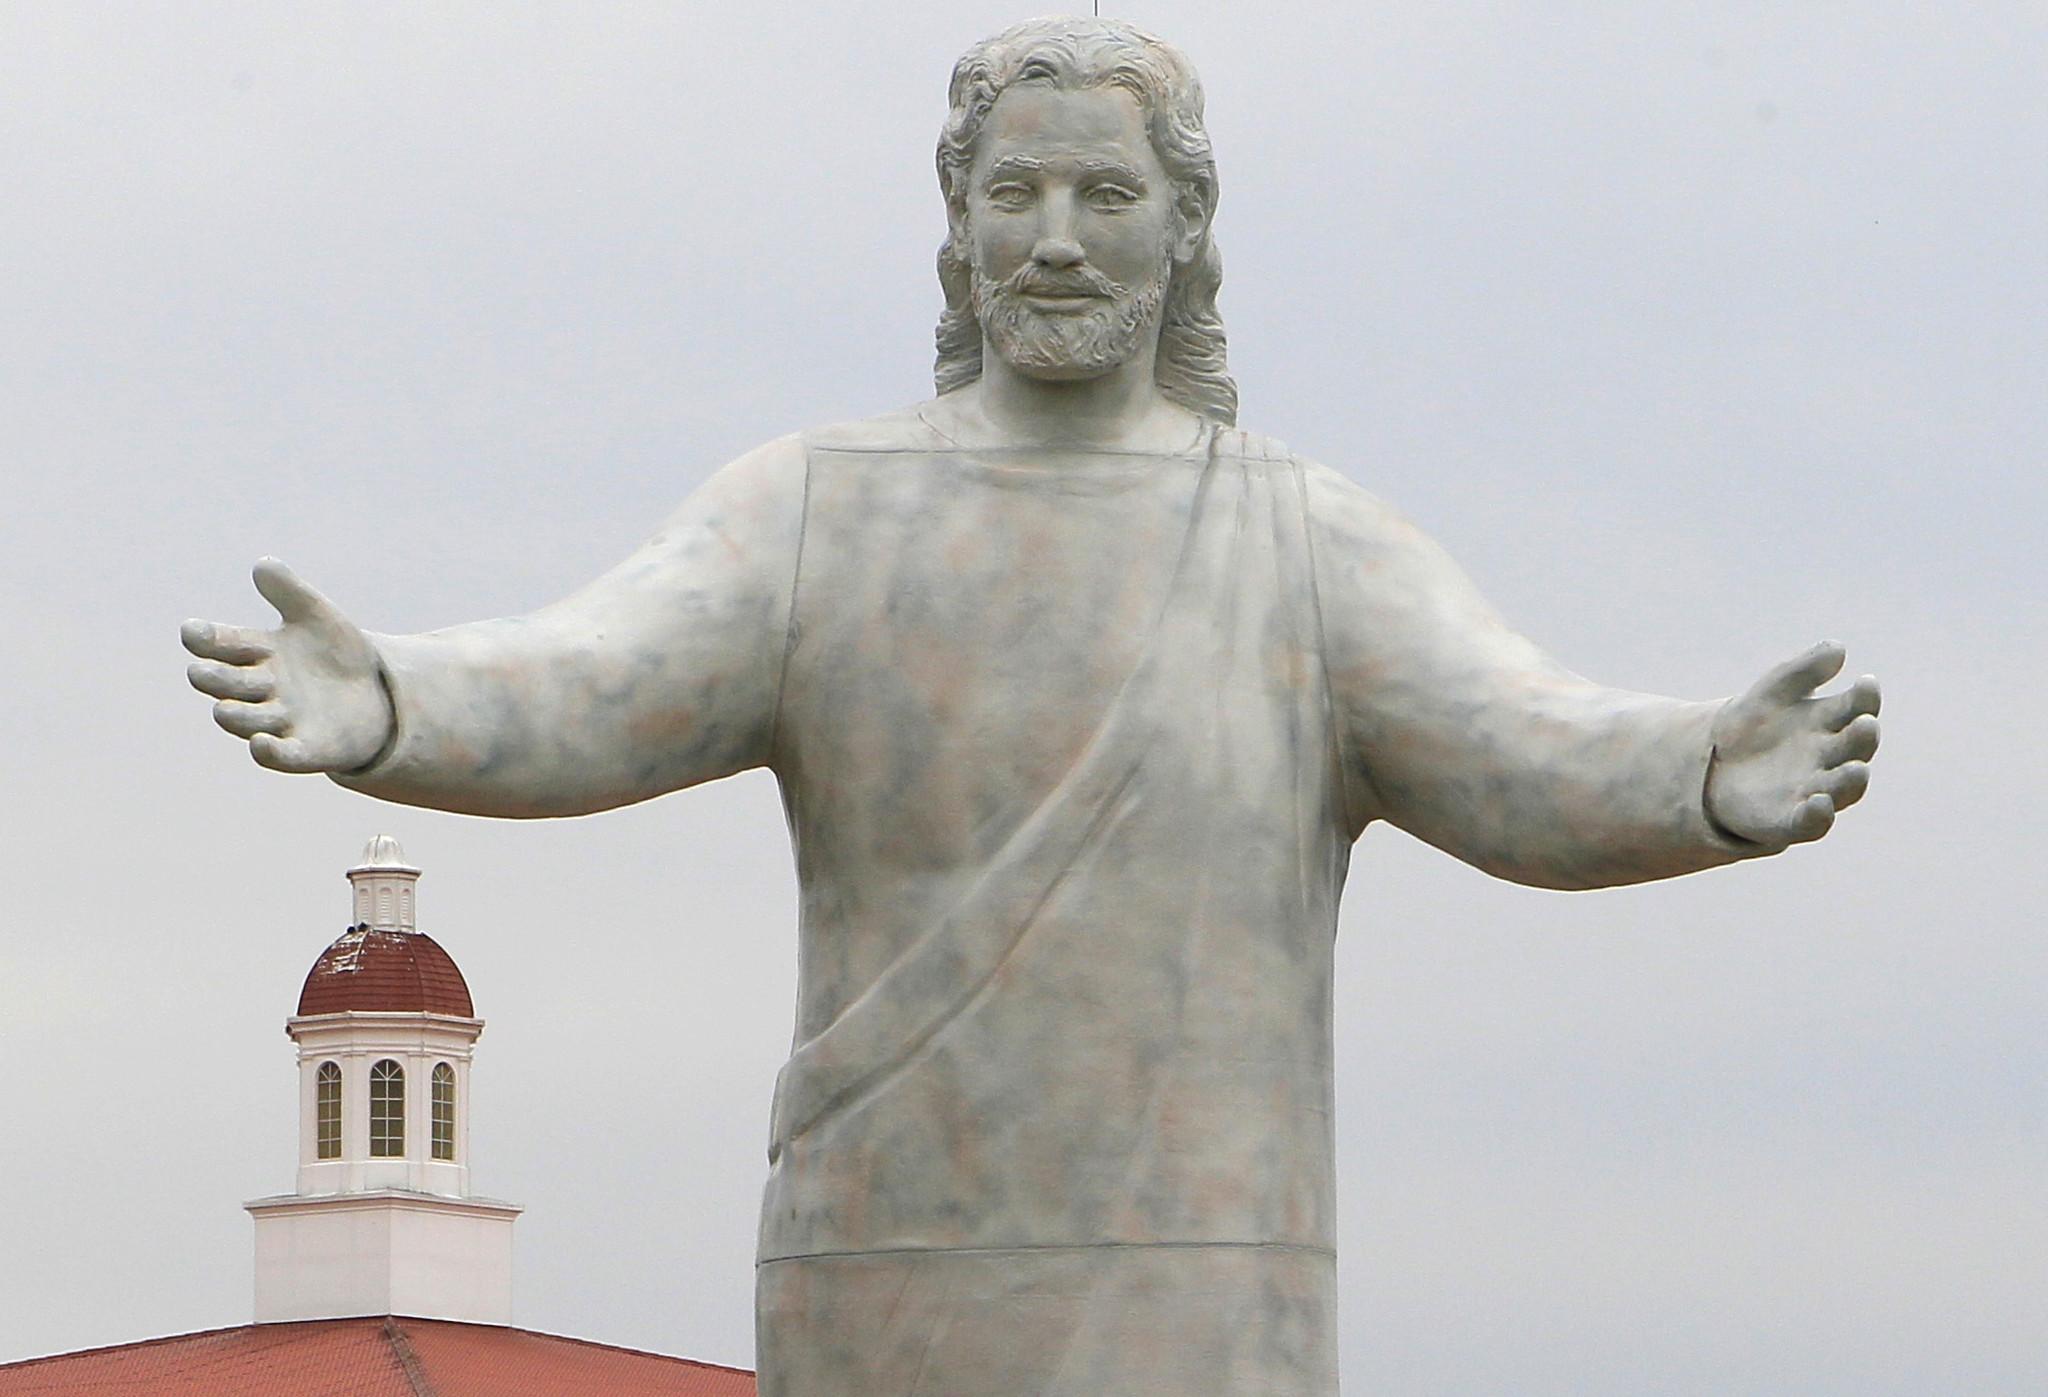 'I'm covered in Jesus' blood:' Ohio churchgoers claim coronavirus immunity